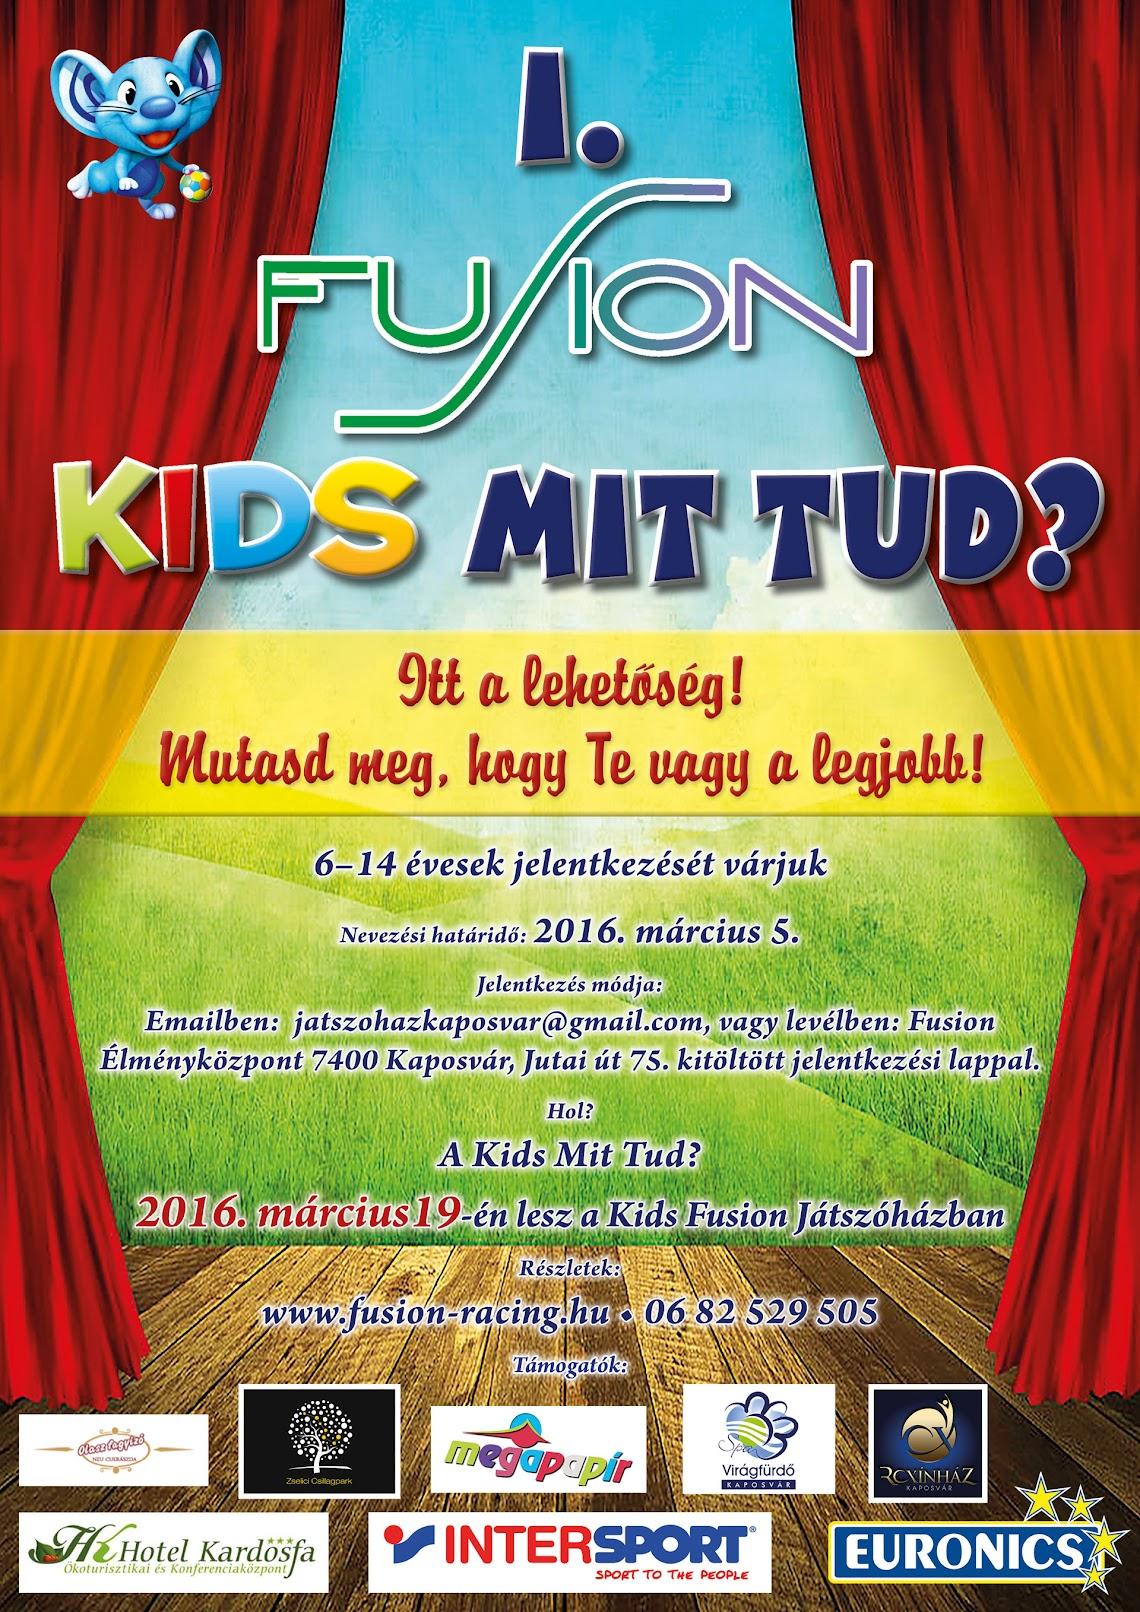 Kids mit tud 2016 Kaposvár